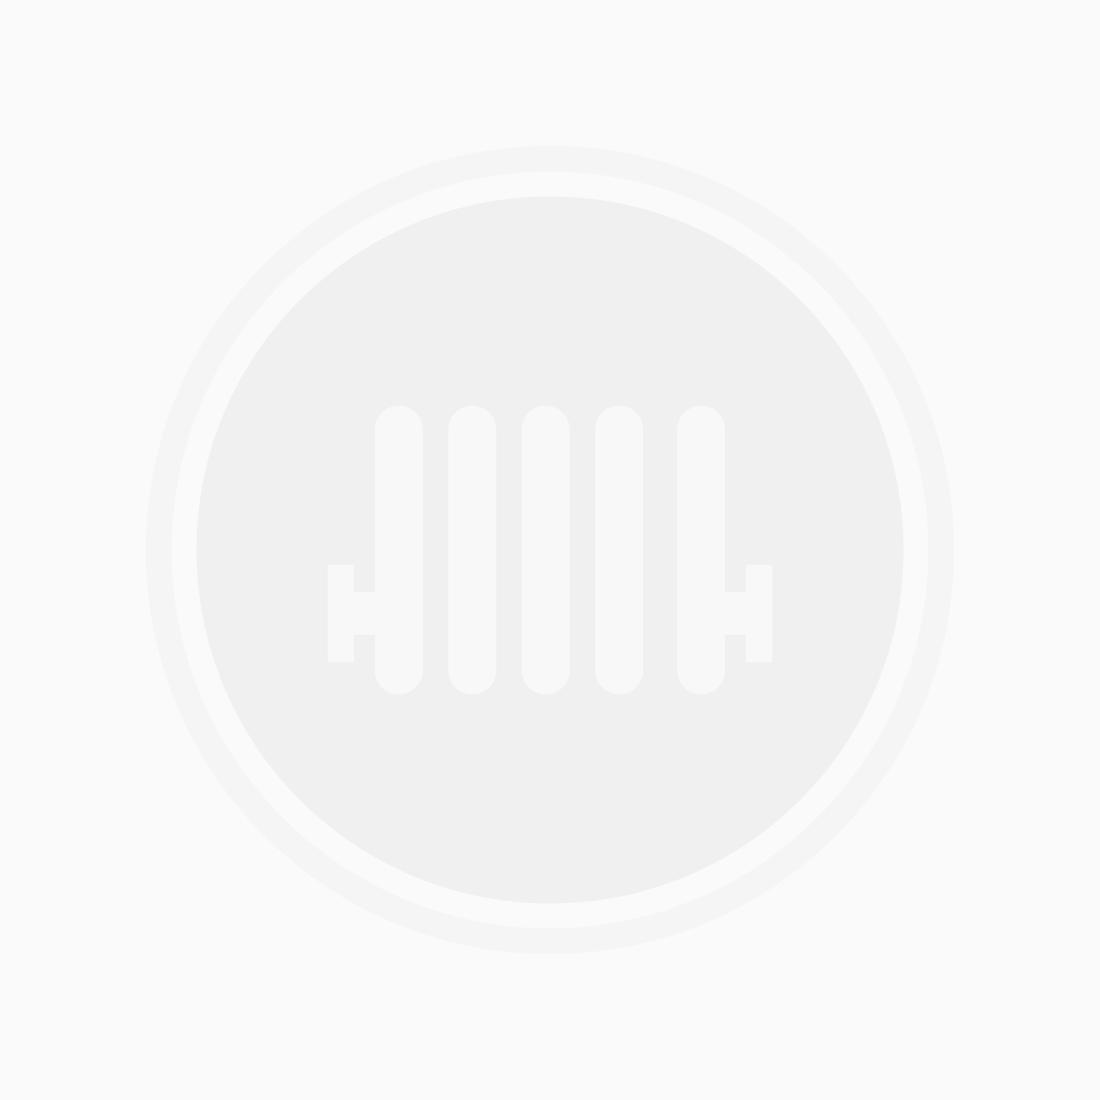 Instamat Tonda Horizontaal Inox